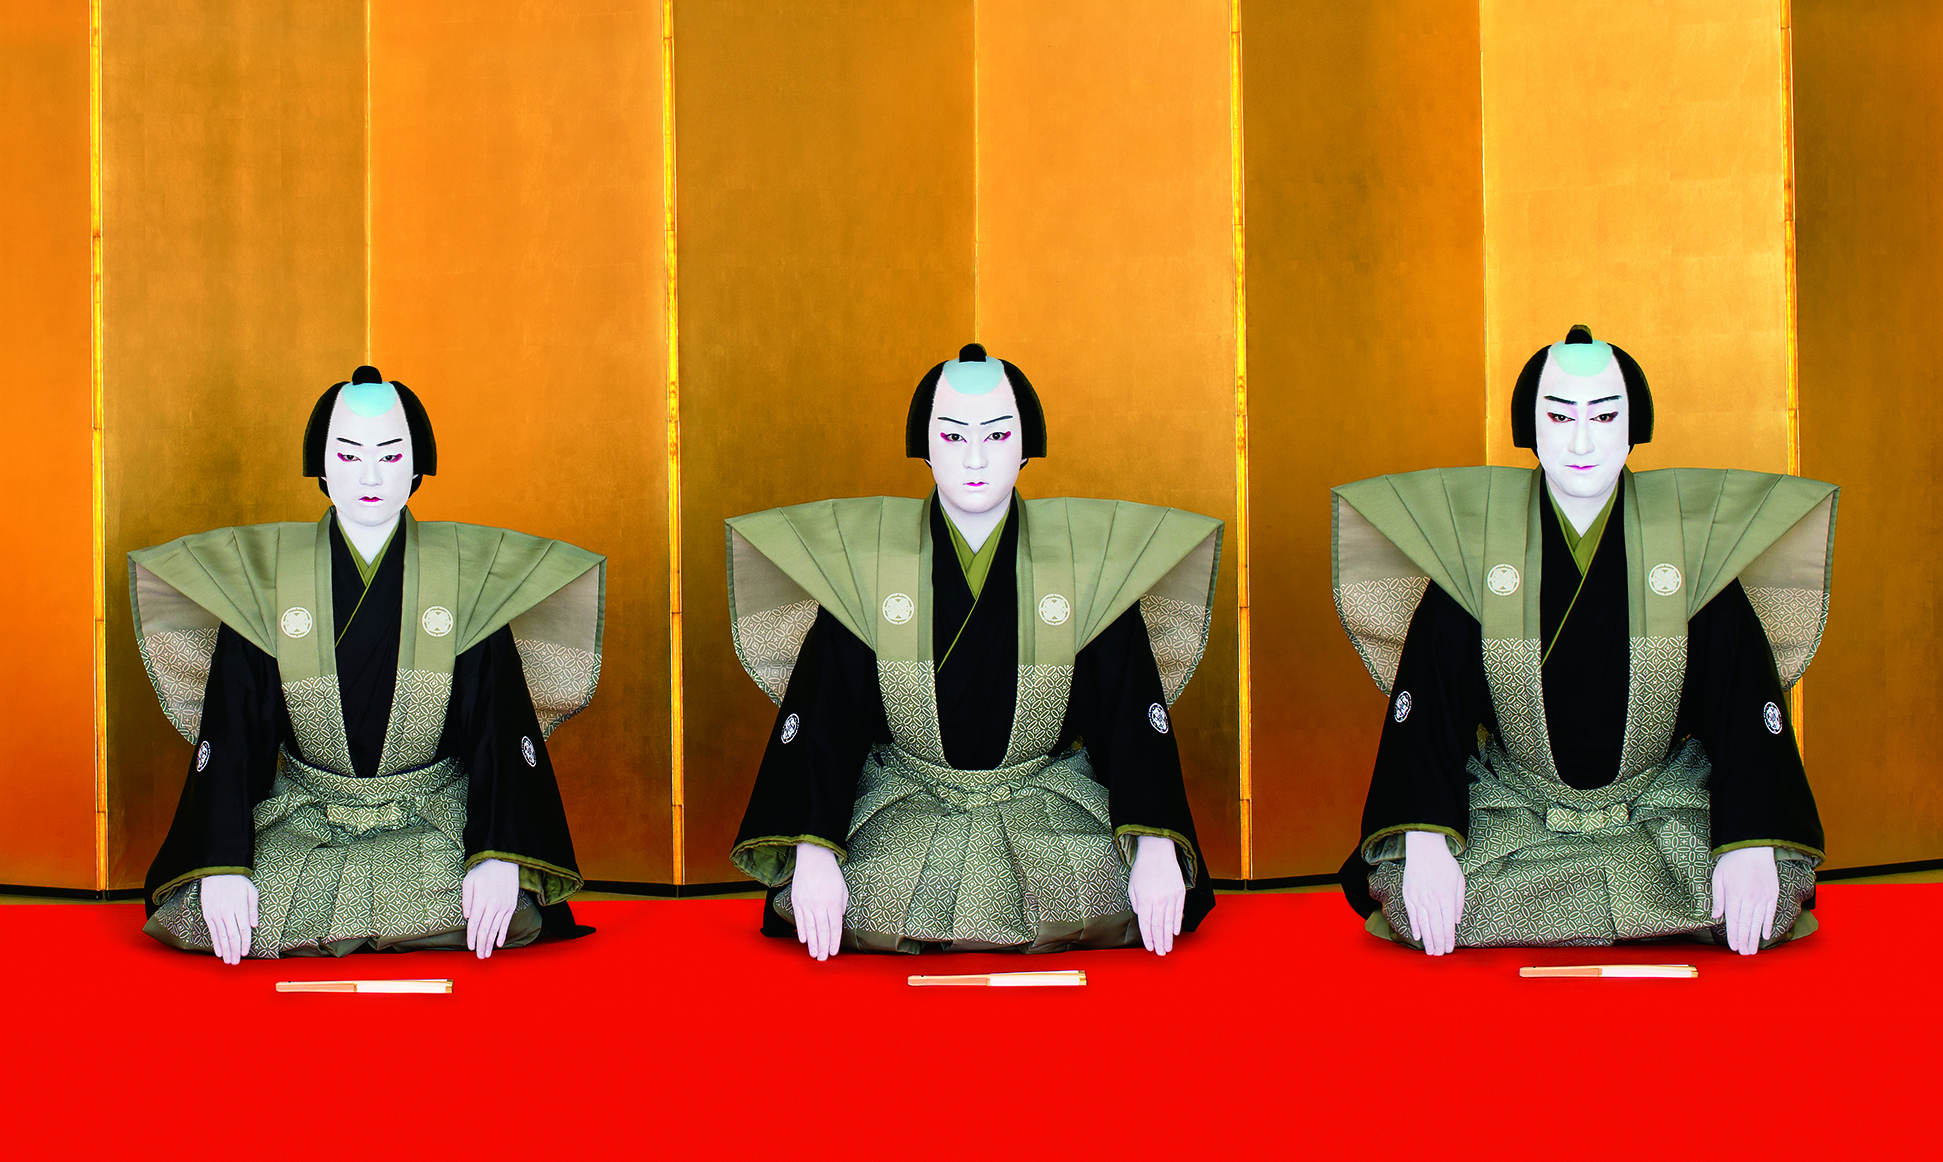 【ランチ会】伝統芸能大歌舞伎を老舗で愉しむ会席ディナー